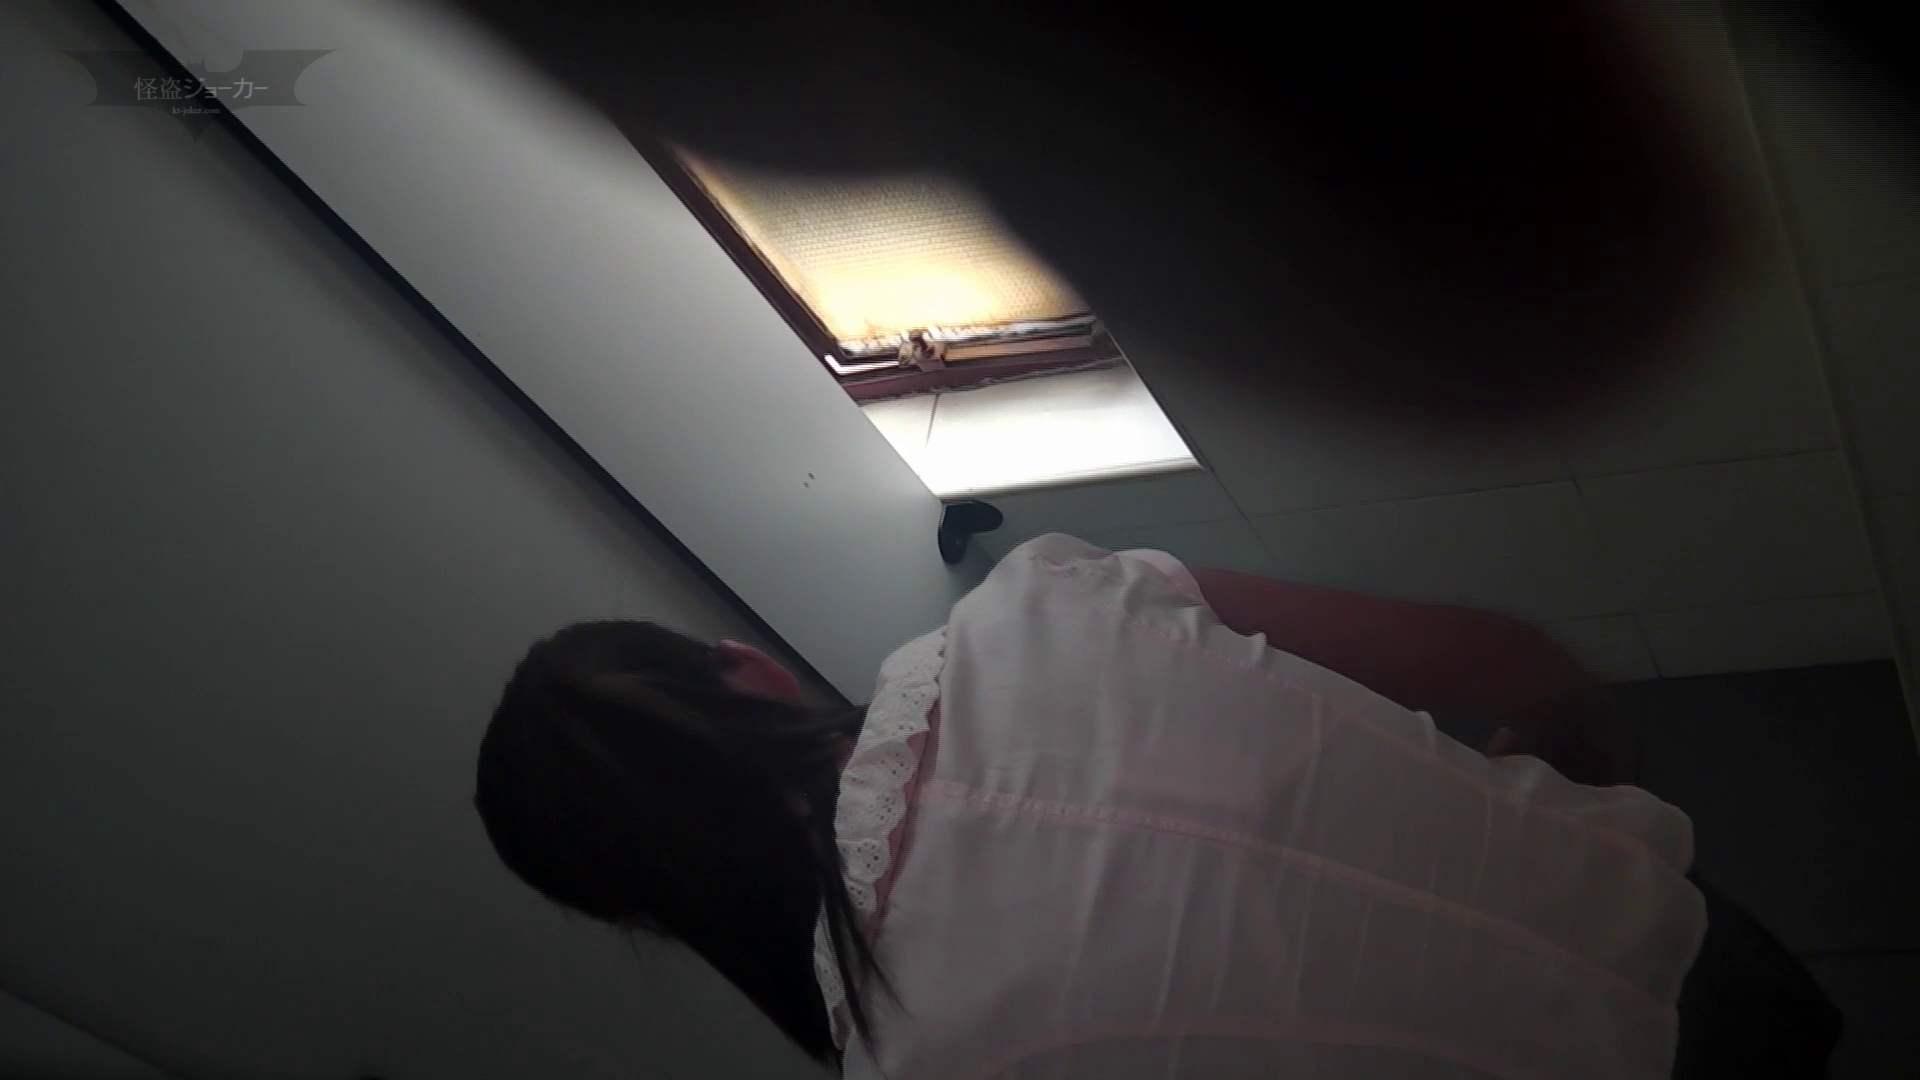 潜入!!台湾名門女学院 Vol.10 進化 美女ハメ撮り  110Pix 43